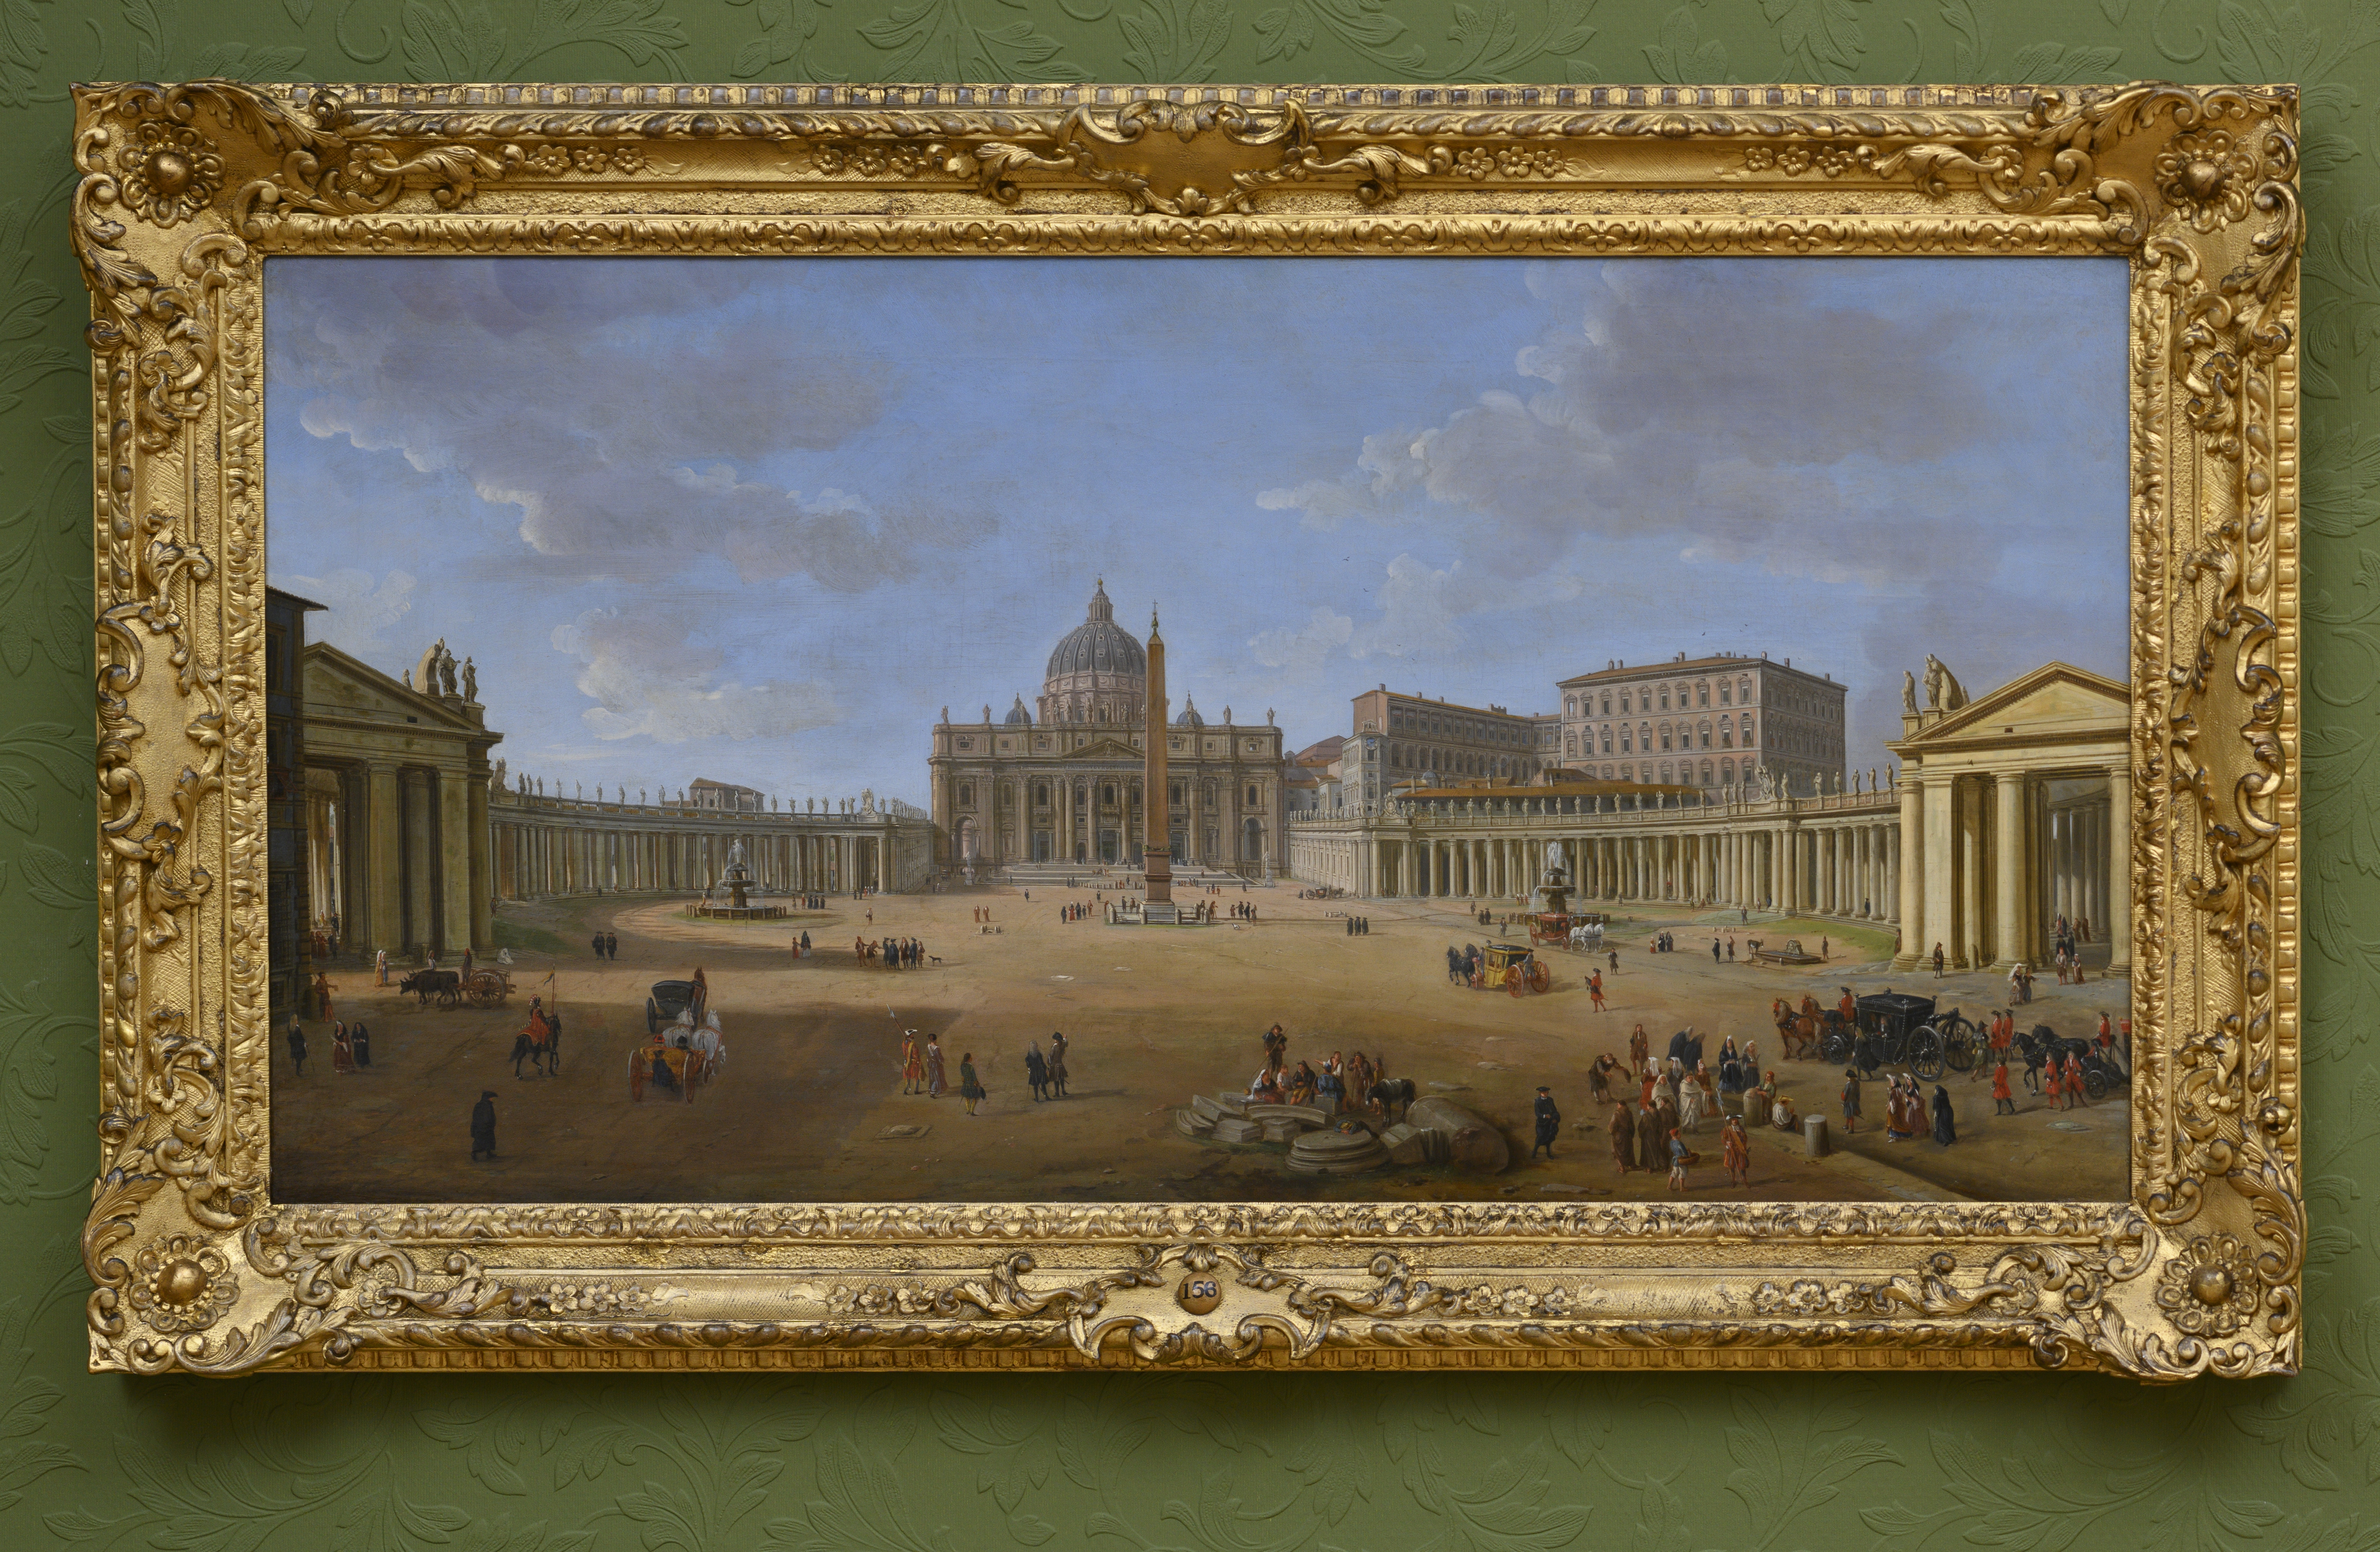 Caspar van Wittel, Piazza San Pietro, 1715